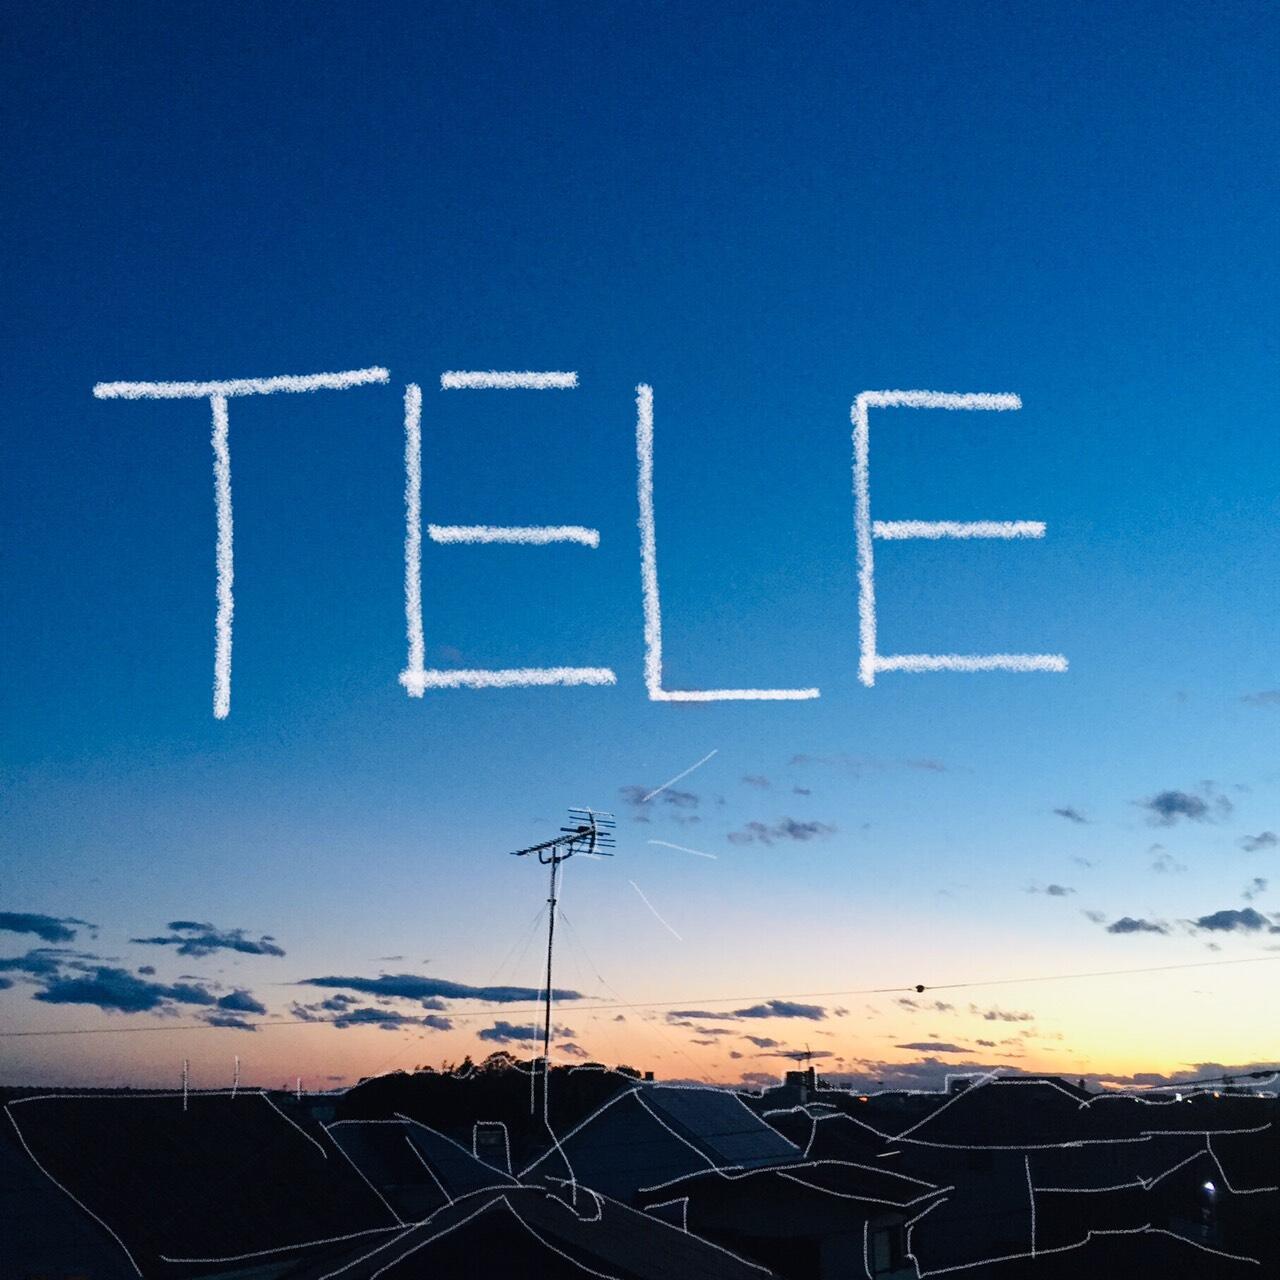 【注目の学生アーティスト】キレイなメロディーと歌詞が魅力! 3ピースバンド・Tele